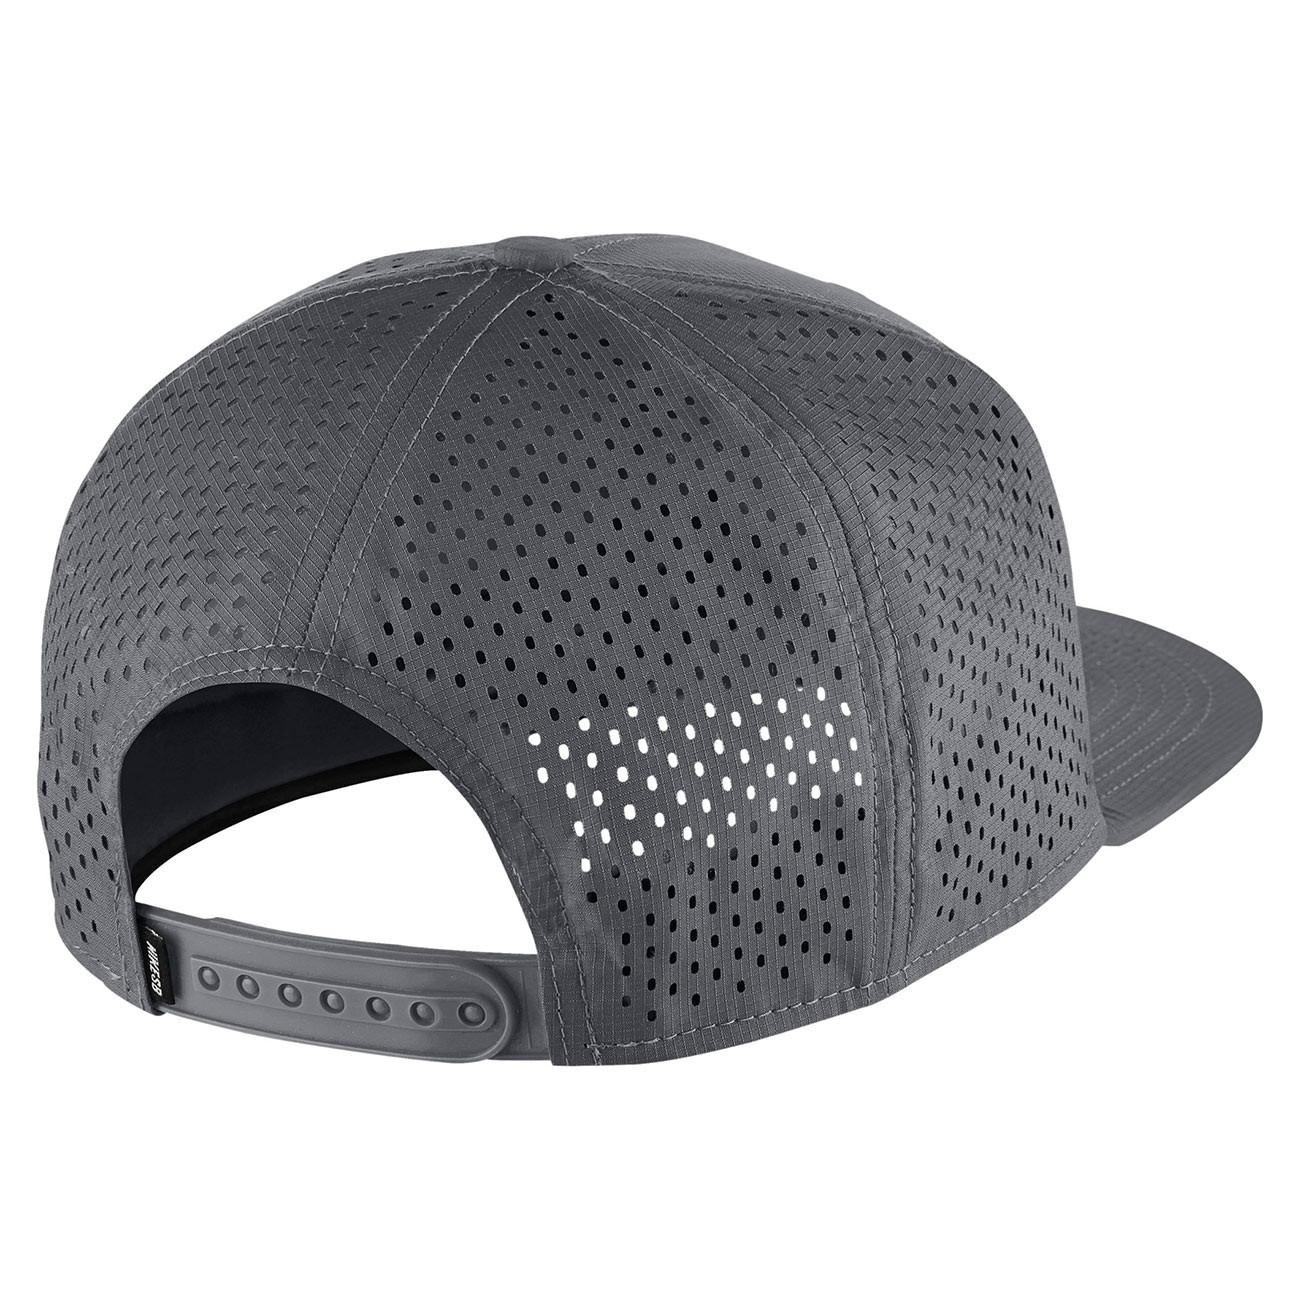 Cap Nike SB Aero Pro dark grey dark grey blck lght bn  934a6893c42